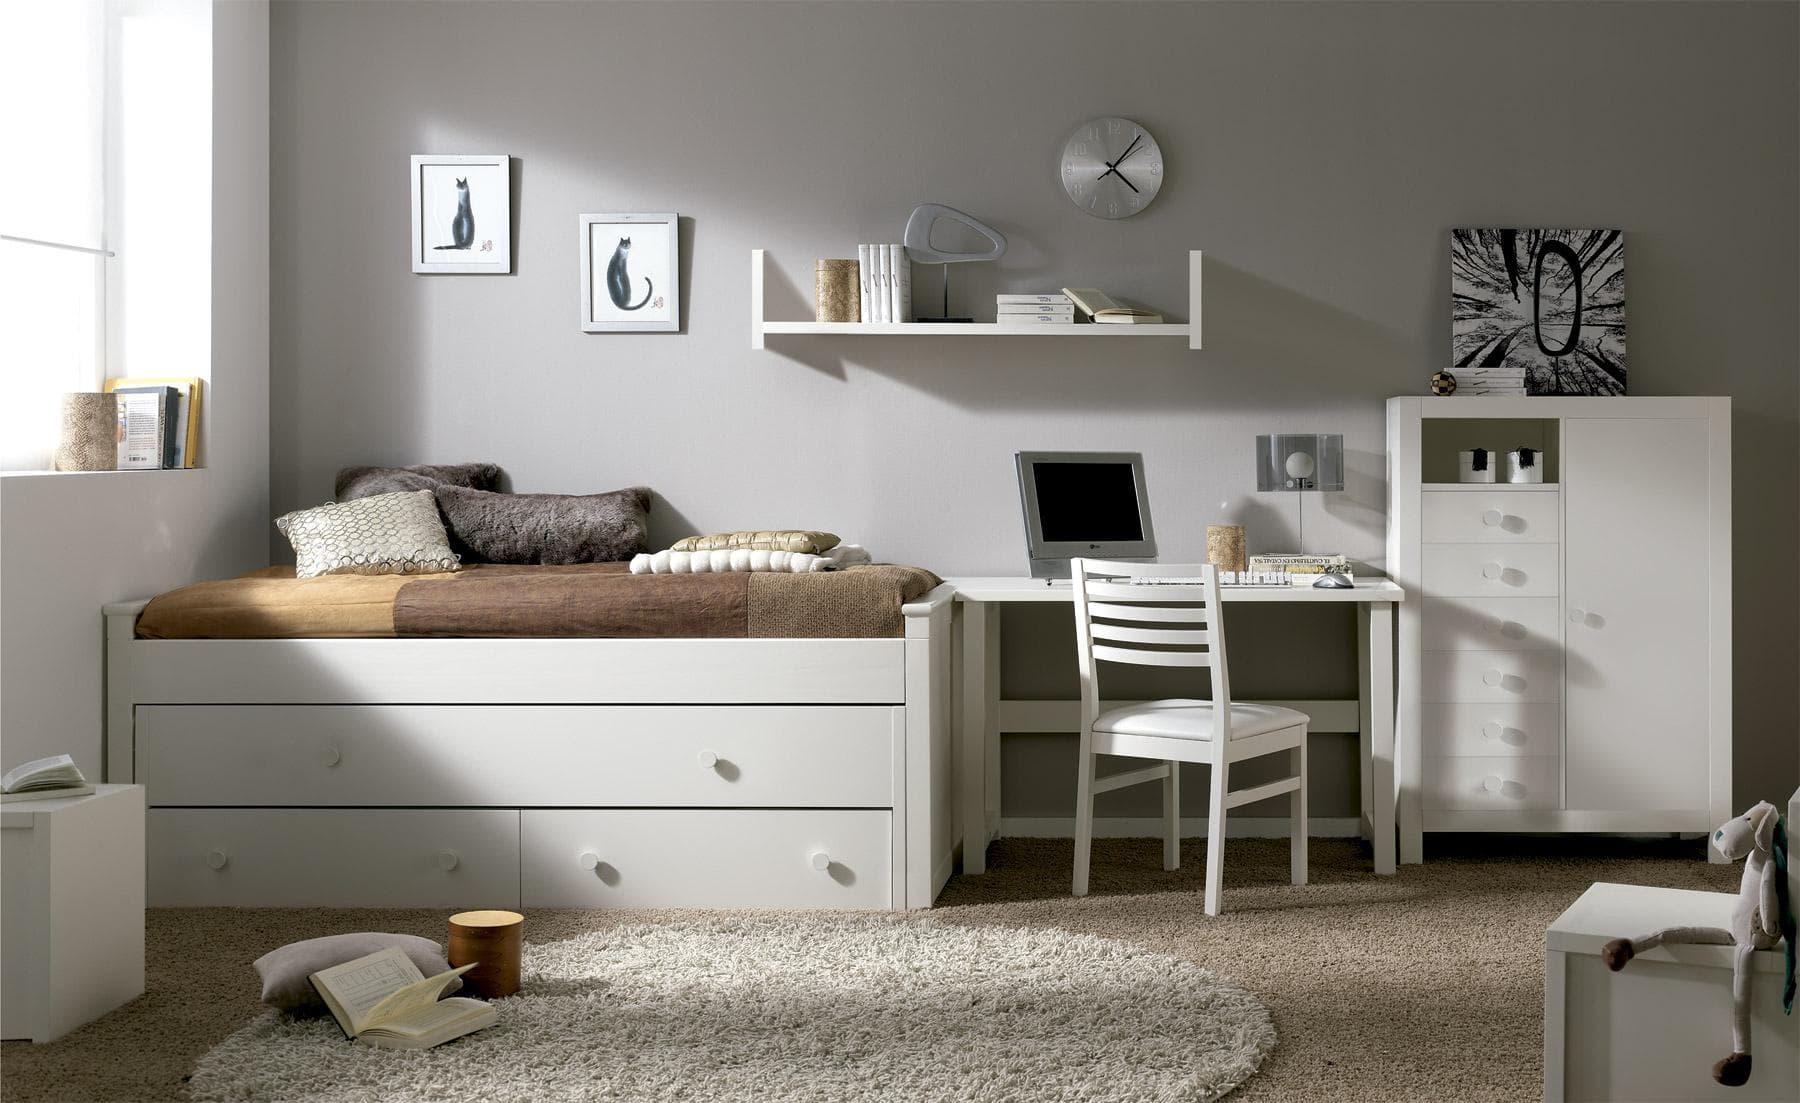 camas compactas para habitaciones dobles infantiles